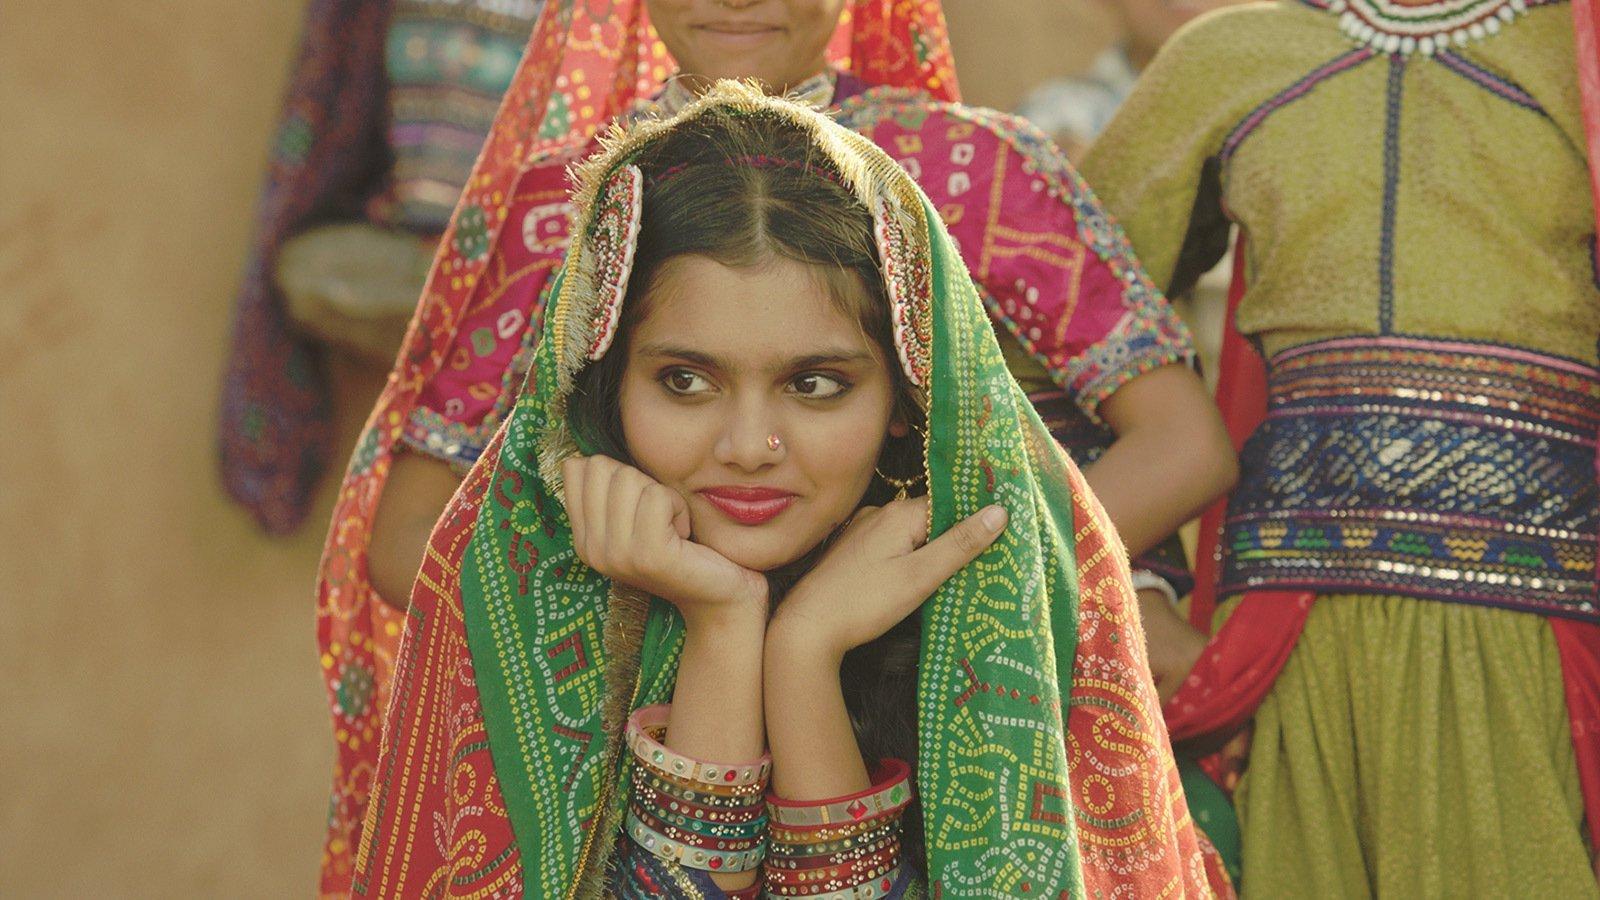 La Saison des femmes, réalisé par Leena Yadav, 2016 © Pyramide Distribution